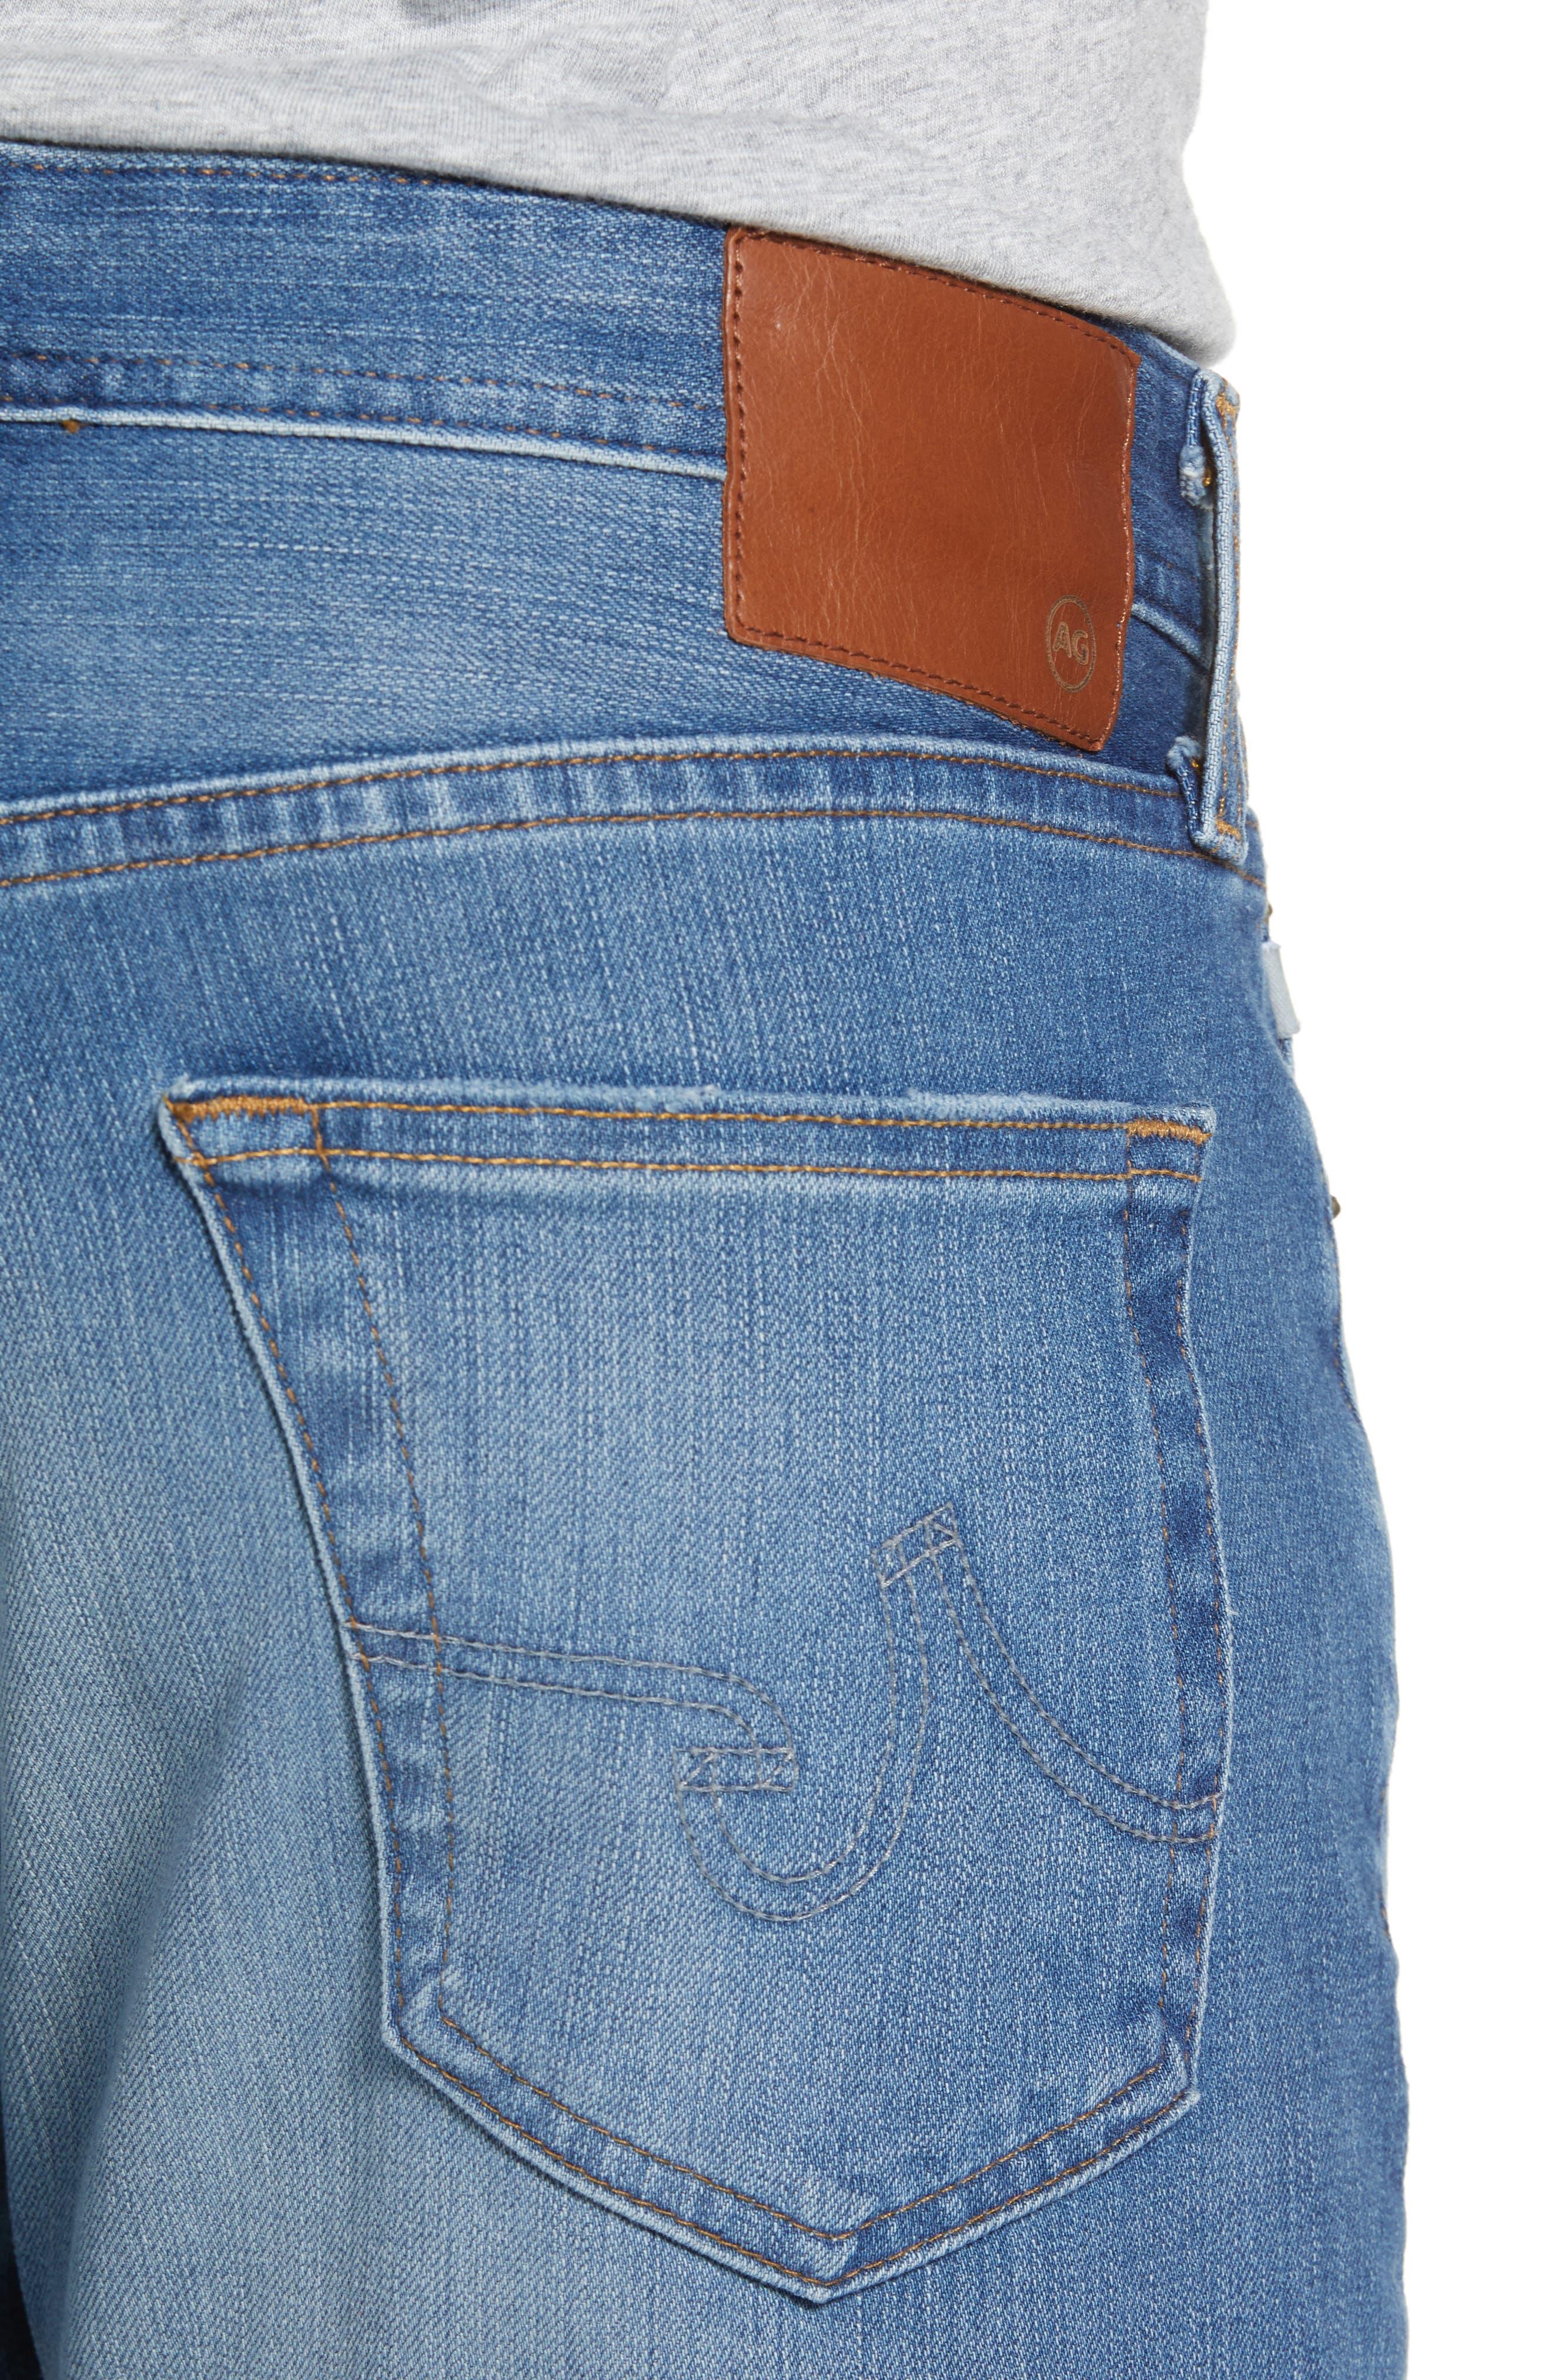 Everett Slim Straight Leg Jeans,                             Alternate thumbnail 3, color,                             Merchant